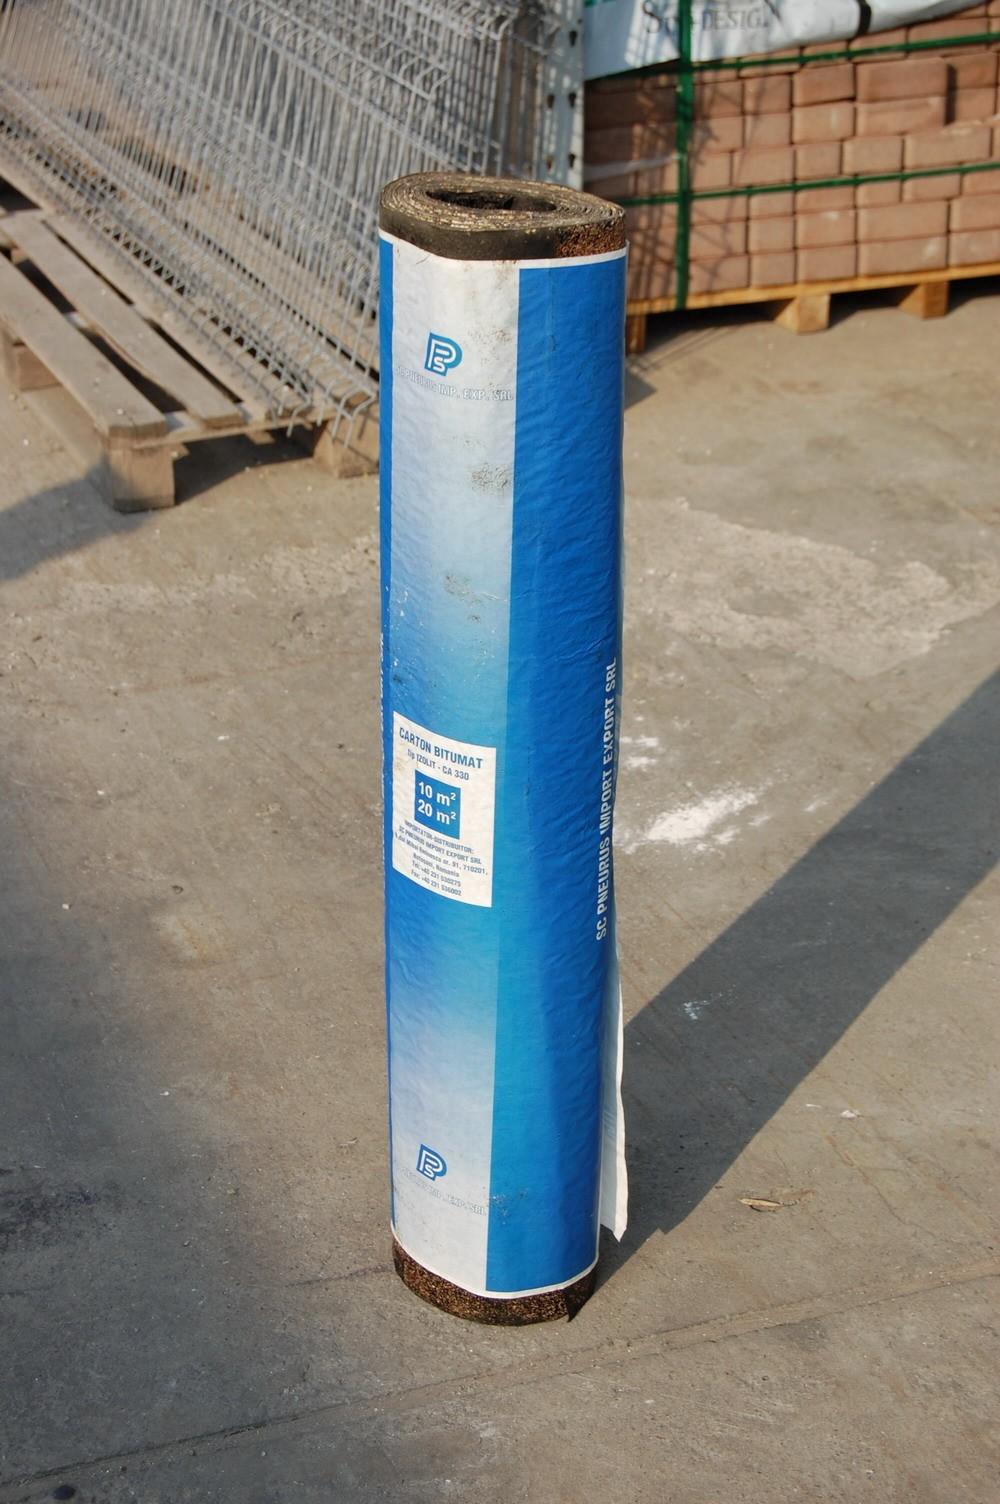 Carton Bitumat 10 mp